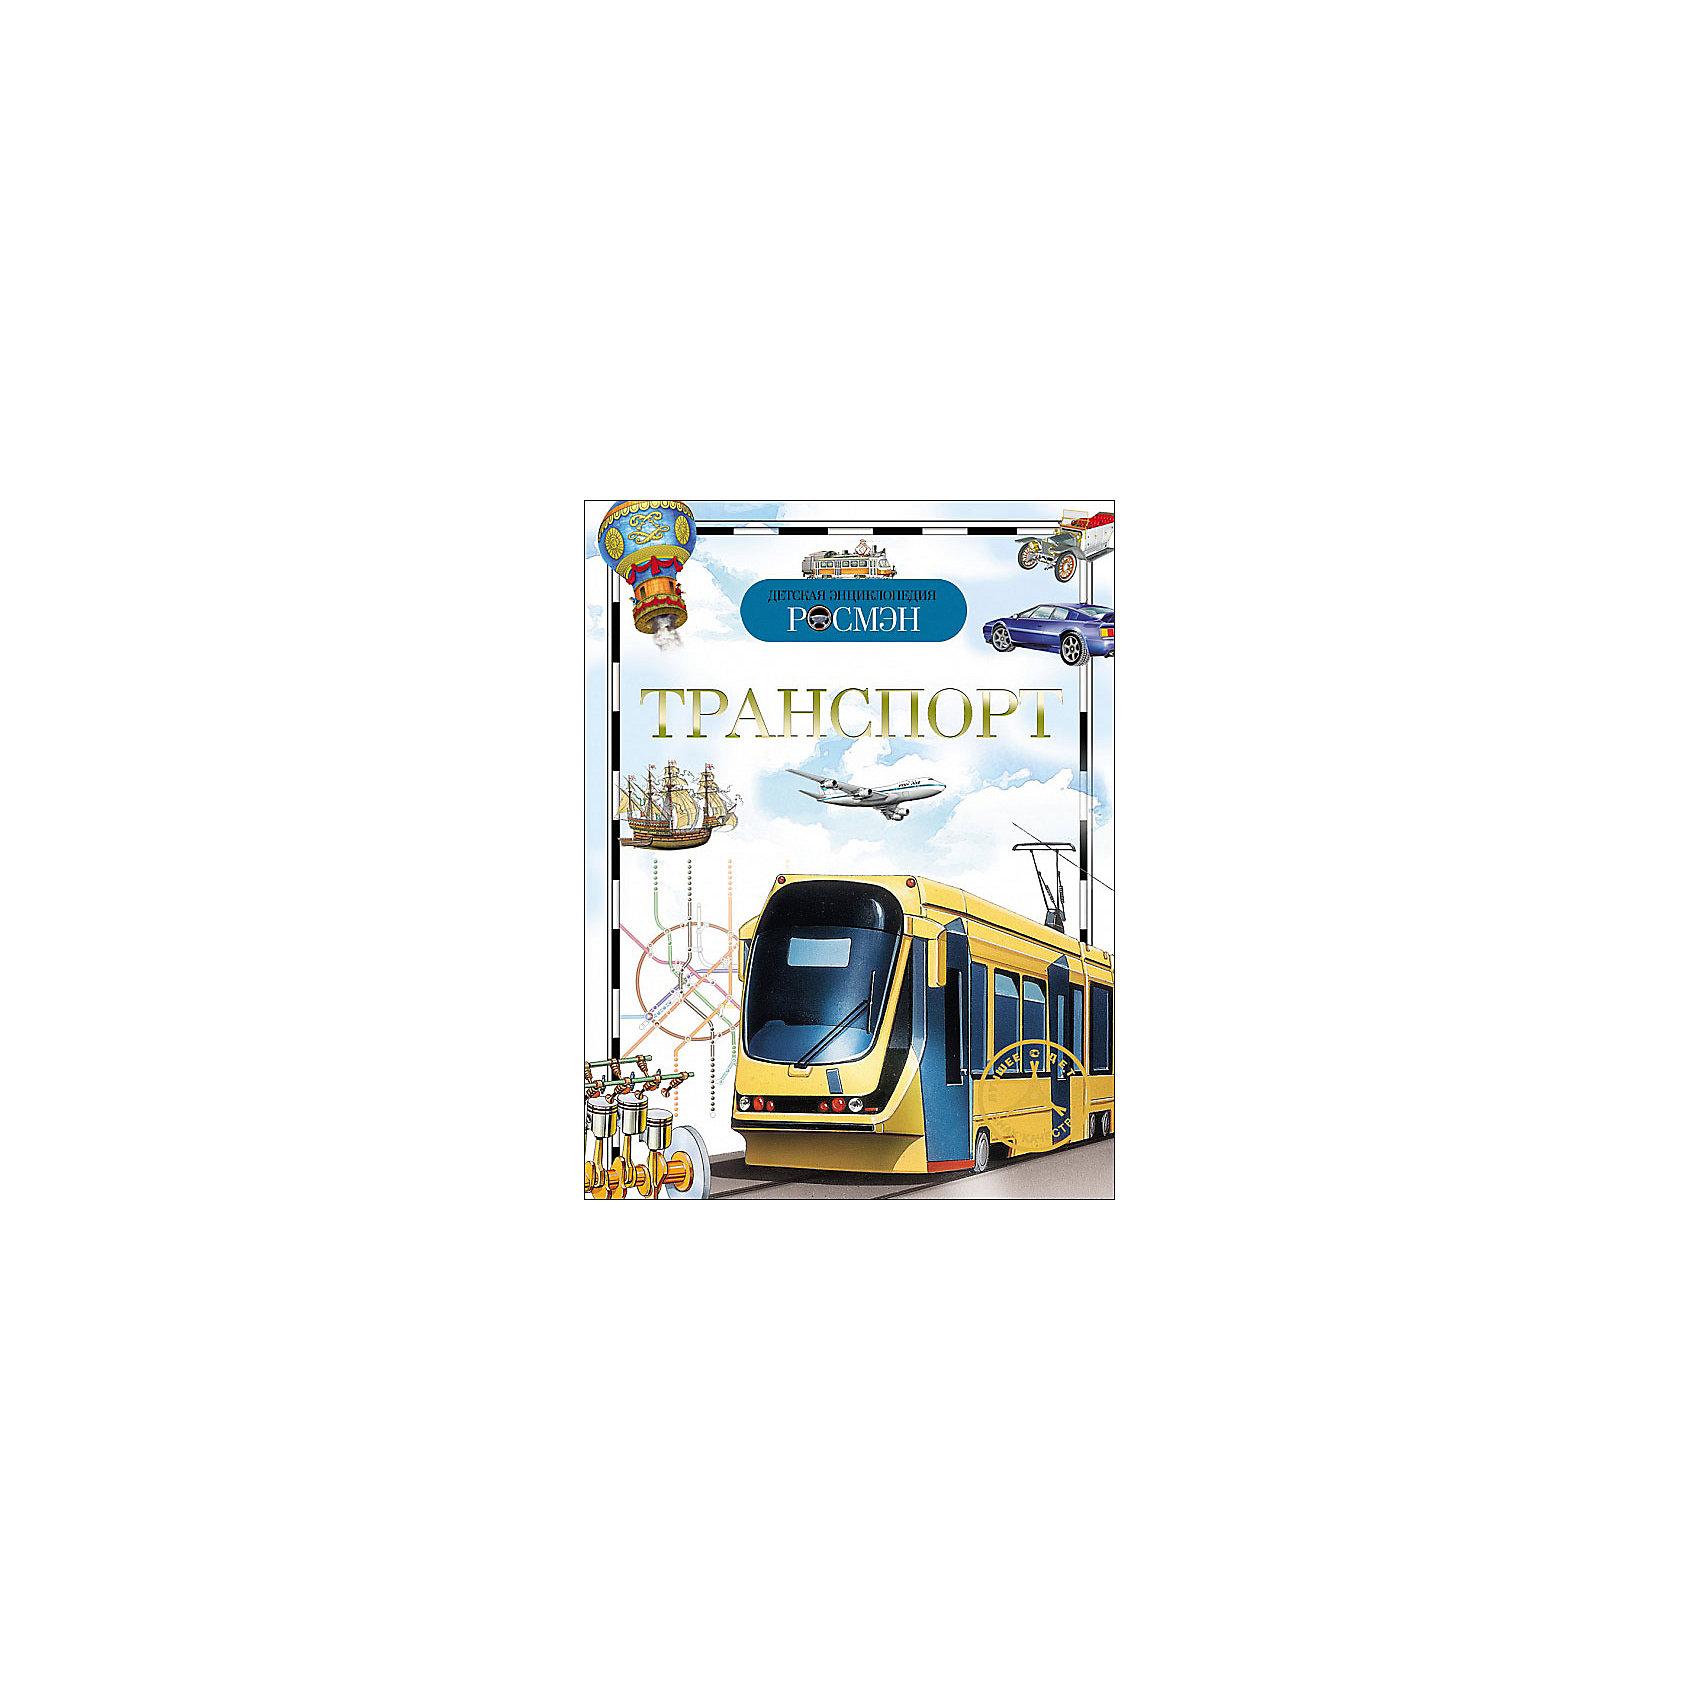 ТранспортОбучающие книги<br>Transport (Транспорт)<br><br>Характеристики:<br><br>• Серия: детская энциклопедия РОСМЭН<br>• Формат: 220х165<br>• Переплет: твердый переплет<br>• Количество страниц: 96<br>• Бумага: целлофанированная или лакированная<br>• Цветные иллюстрации: да<br>• Вес в упаковке: 224 г<br><br>Книга серии Детская энциклопедия РОСМЭН знакомит с наиболее значимыми событиями в истории транспорта. В ней рассказывается о самых разнообразных машинах: легковых, грузовых и строительных, спортивных и гоночных, отдельные главы посвящены водному, воздушному и космическому транспорту, а также устройству различных машин.<br><br>Книгу «Транспорт» можно купить в нашем интернет-магазине.<br><br>Ширина мм: 220<br>Глубина мм: 165<br>Высота мм: 5<br>Вес г: 224<br>Возраст от месяцев: 84<br>Возраст до месяцев: 108<br>Пол: Унисекс<br>Возраст: Детский<br>SKU: 5110151